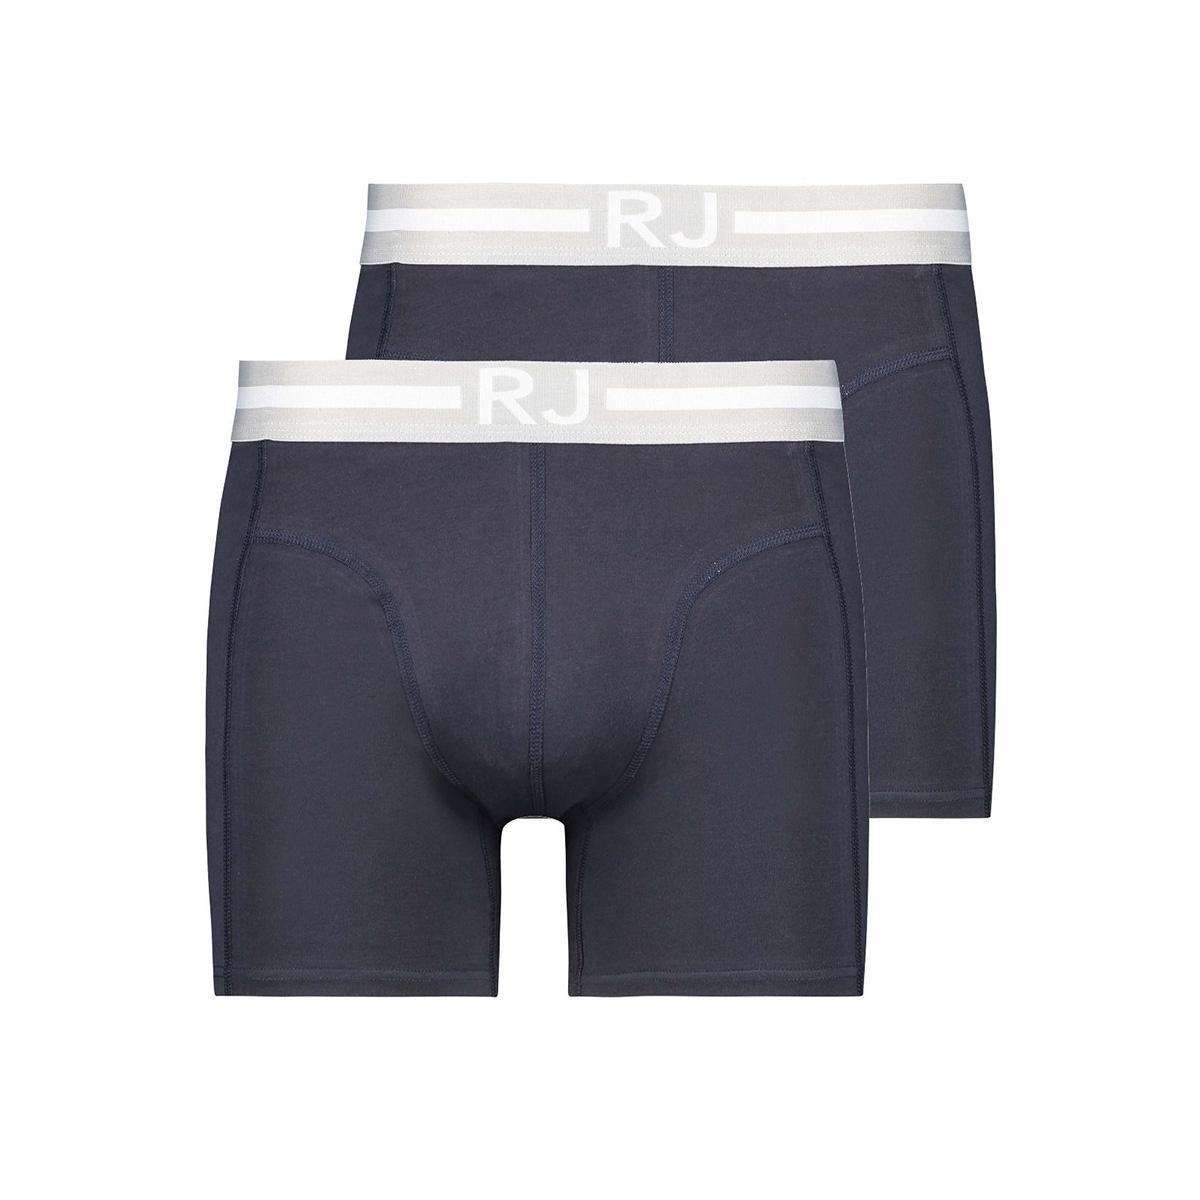 breda boxershort 2-pack rj bodywear ondergoed navy